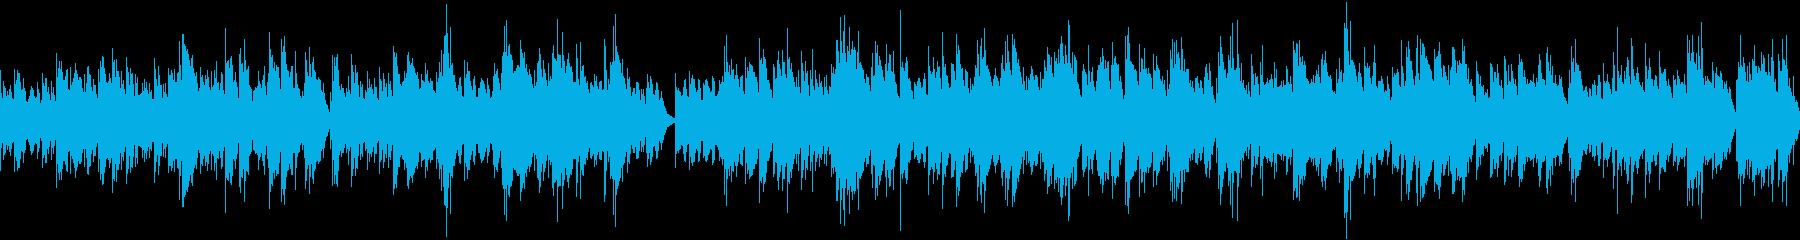 サロン・教育・説明 爽やかピアノ/ループの再生済みの波形